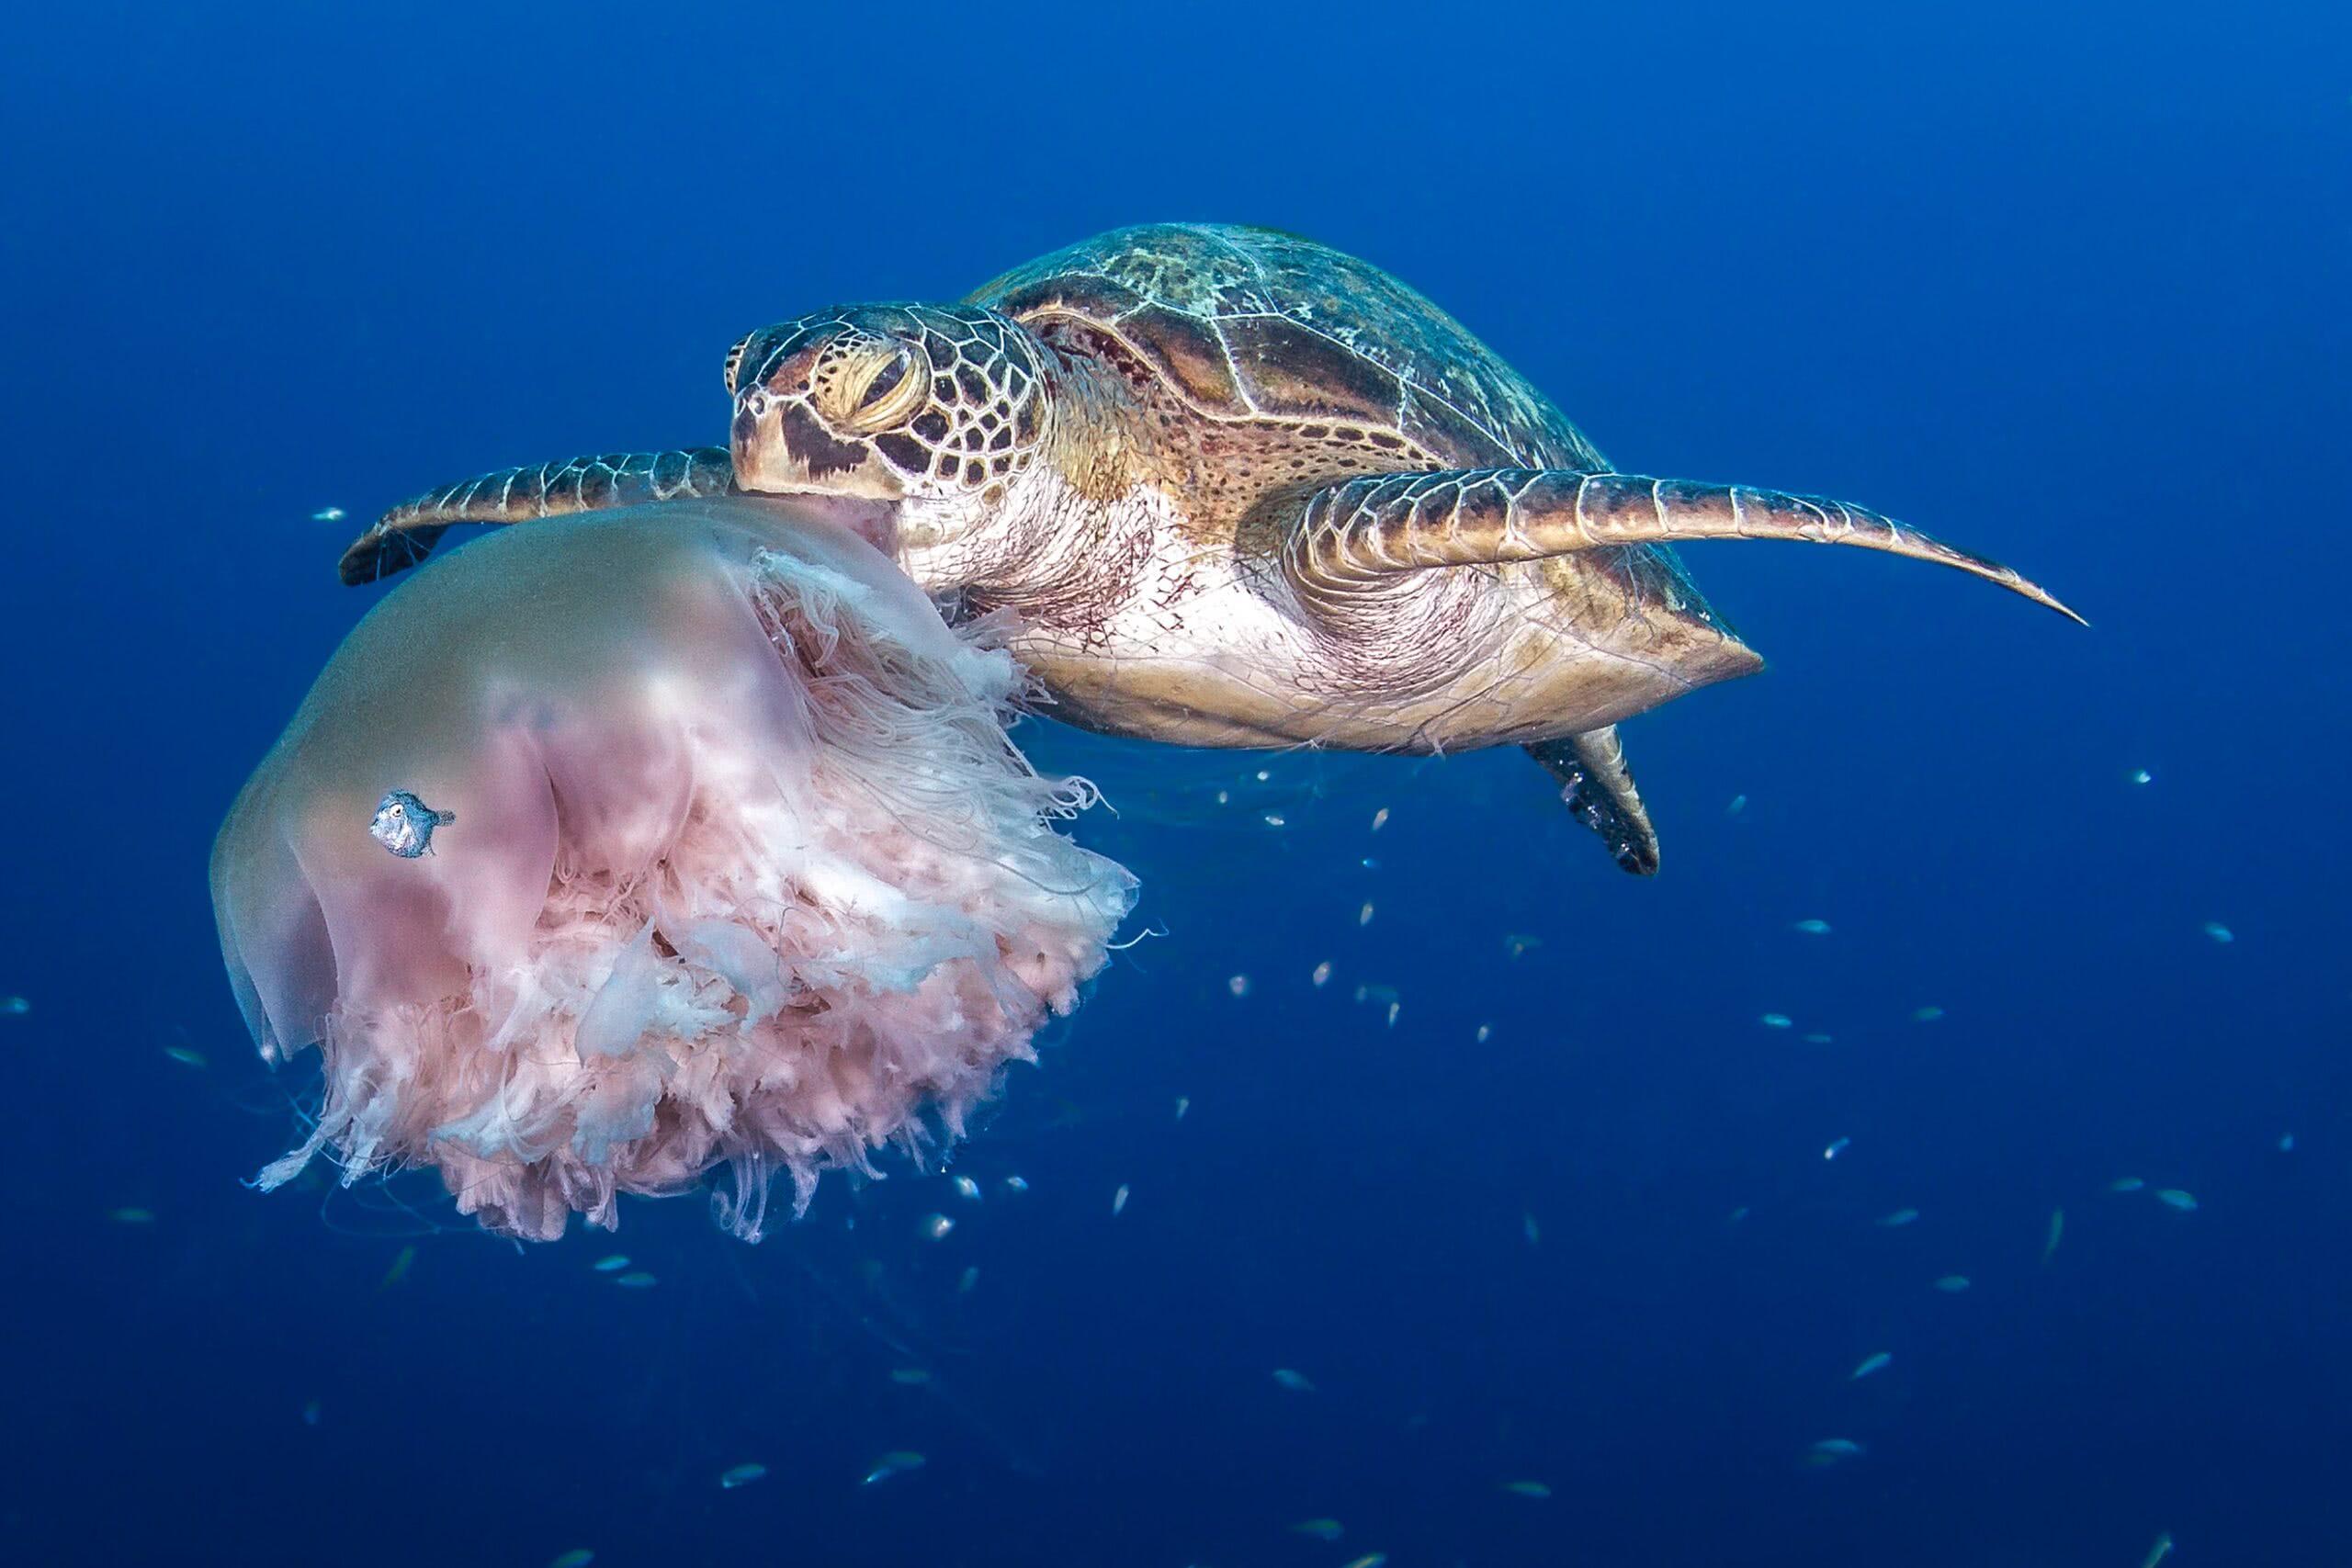 As tartarugas marinhas confundem sacolas plásticas com águas-vivas